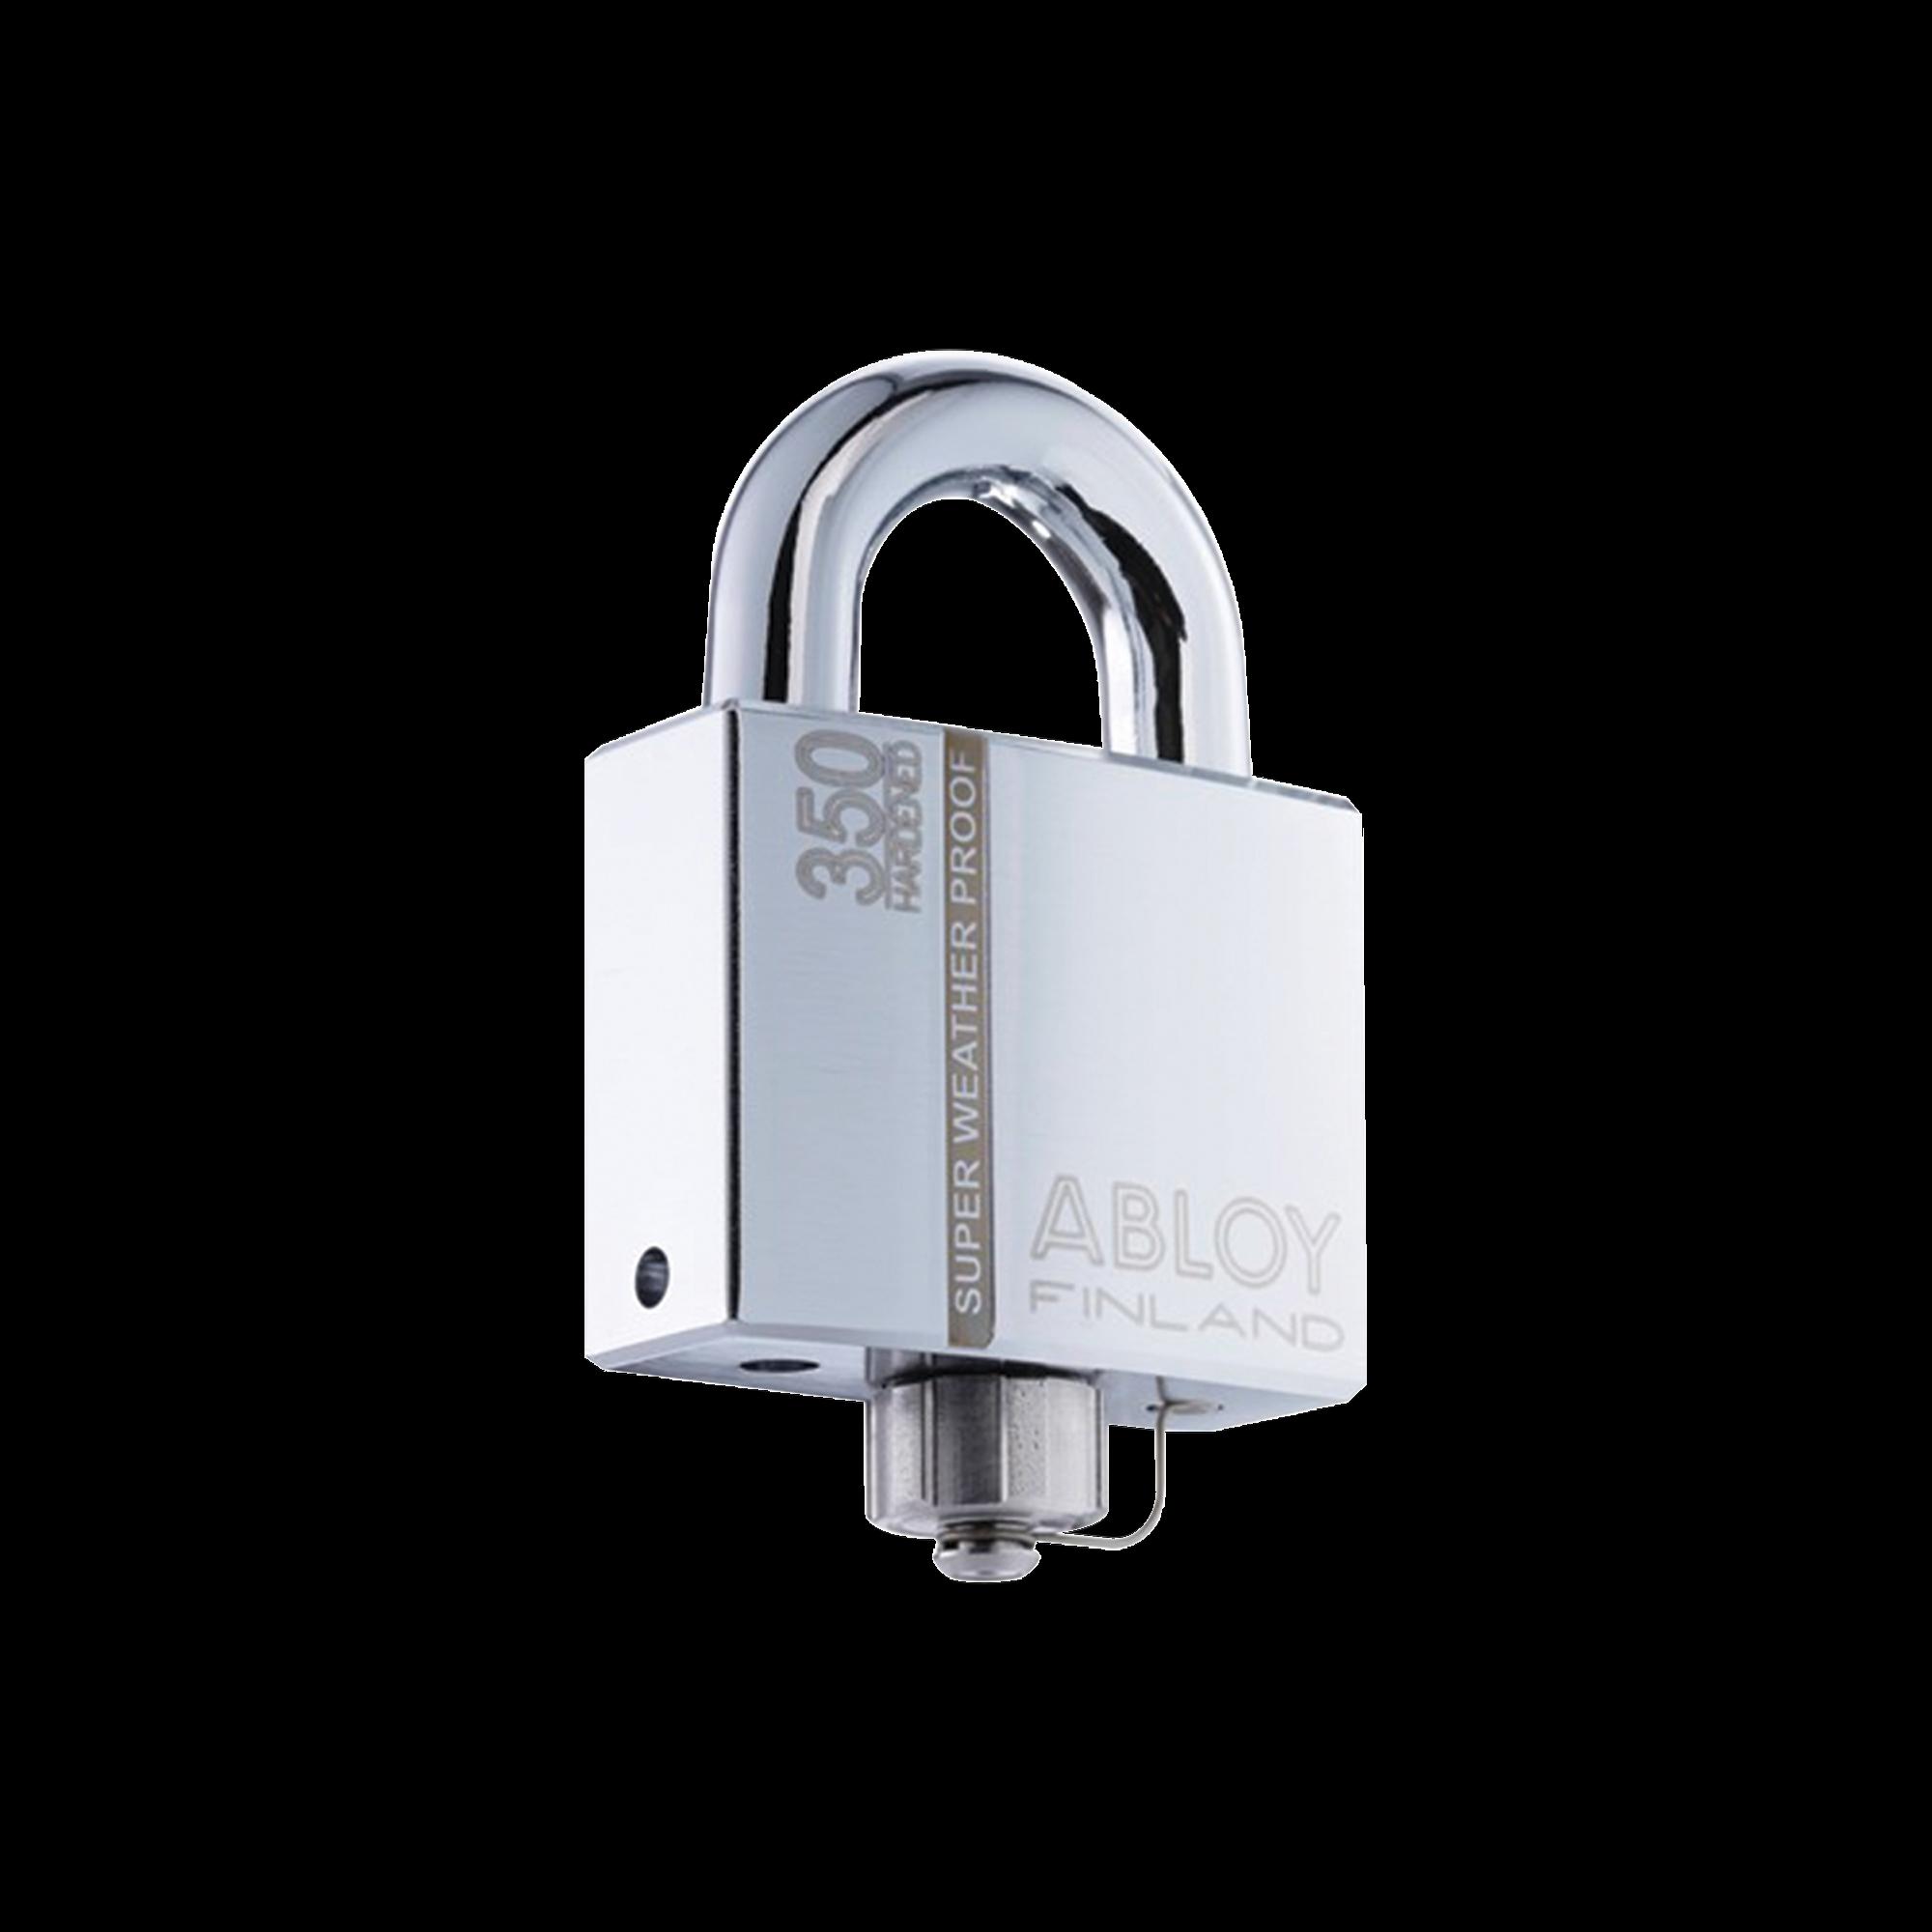 Candado Abloy / Grado 5 de Seguridad / Arco de 50 mm / Tapa Protectora / Sello Impermeable